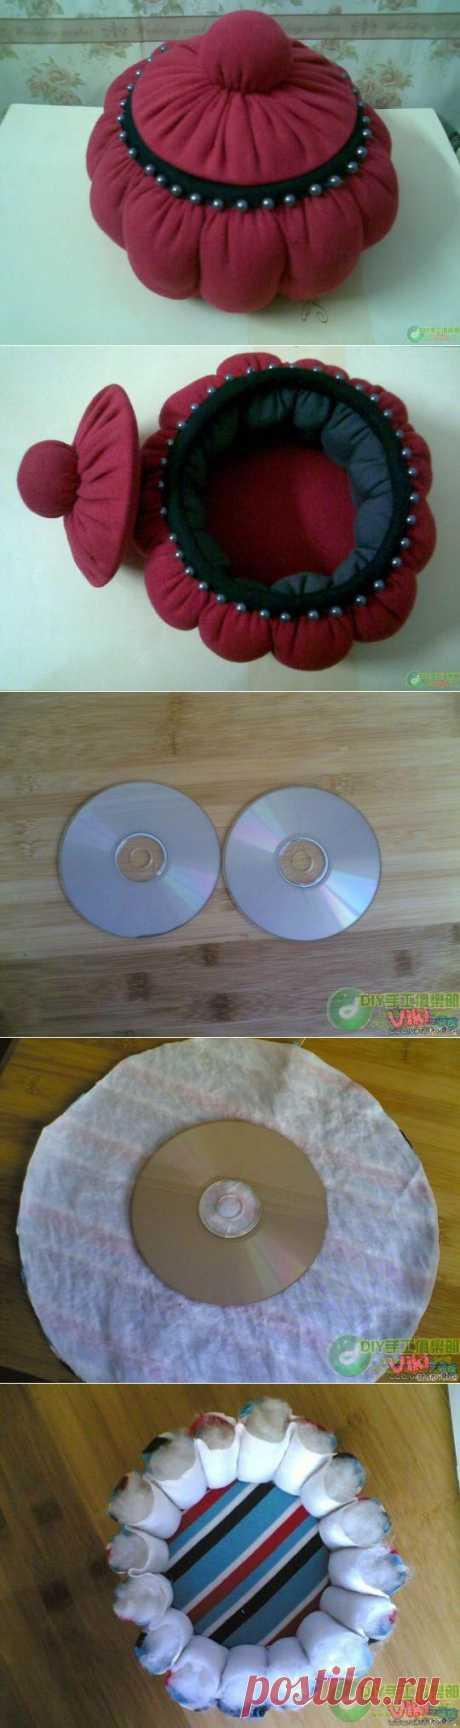 """Шкатулка из лоскутков и  ненужных дисков   Практичное рукоделие из подручных материалов/Плюшкина со знаком """"+"""""""